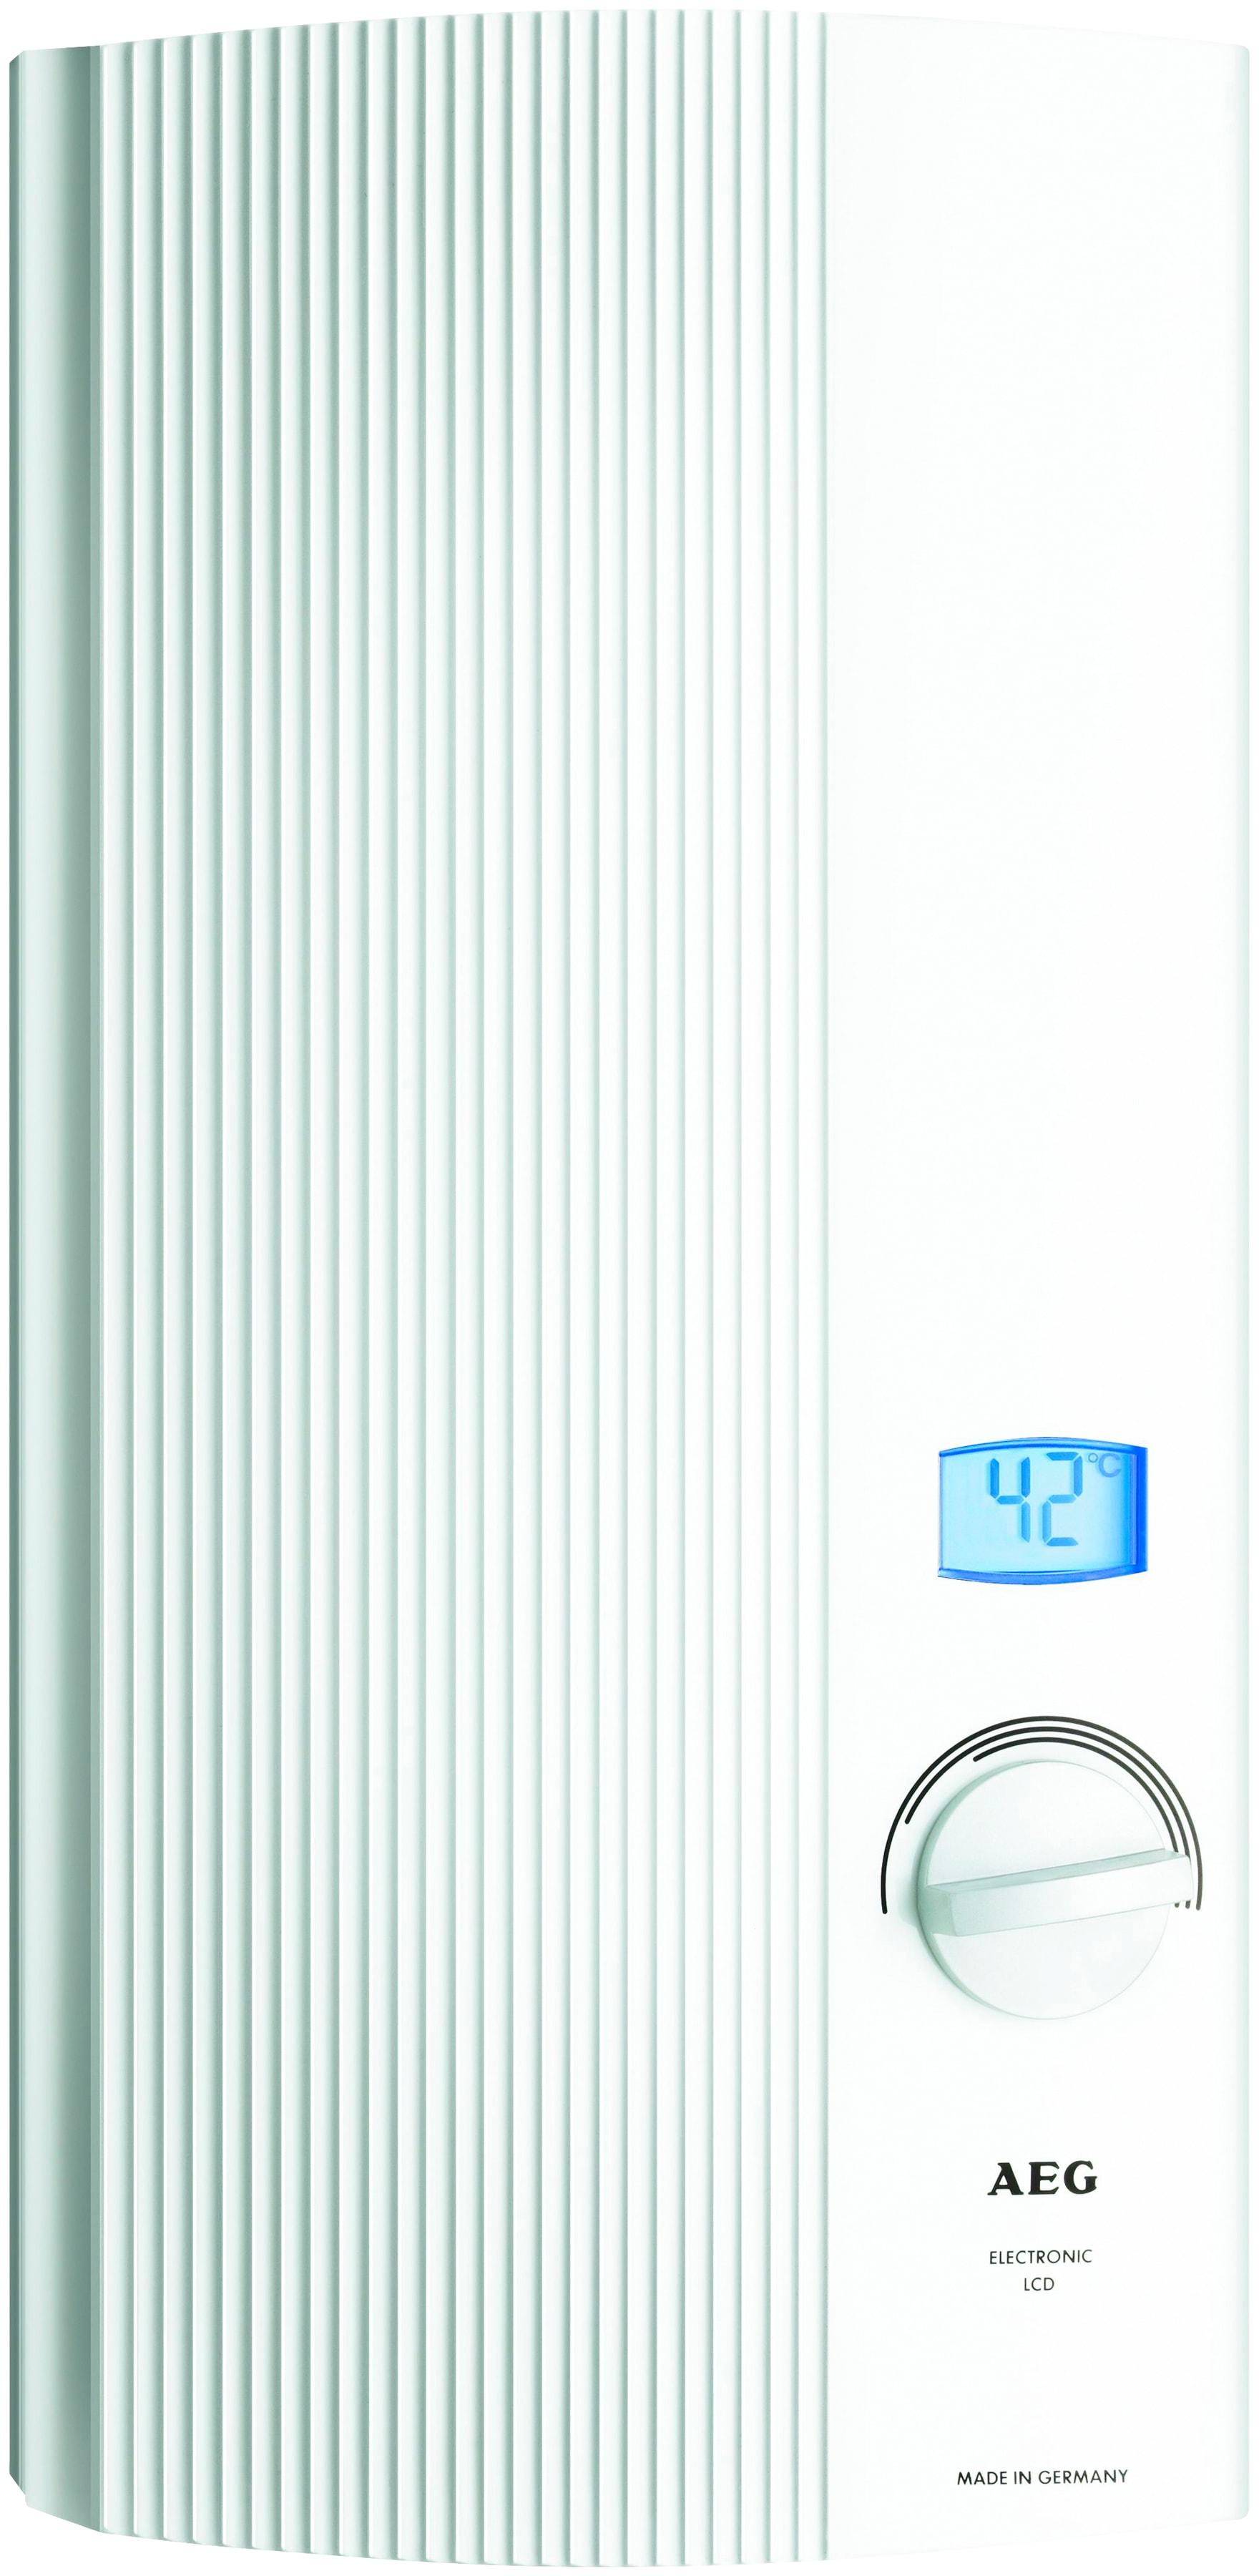 AEG Durchlauferhitzer »DDLE-LCD18/21/24« | Baumarkt > Heizung und Klima > Durchlauferhitzer | AEG